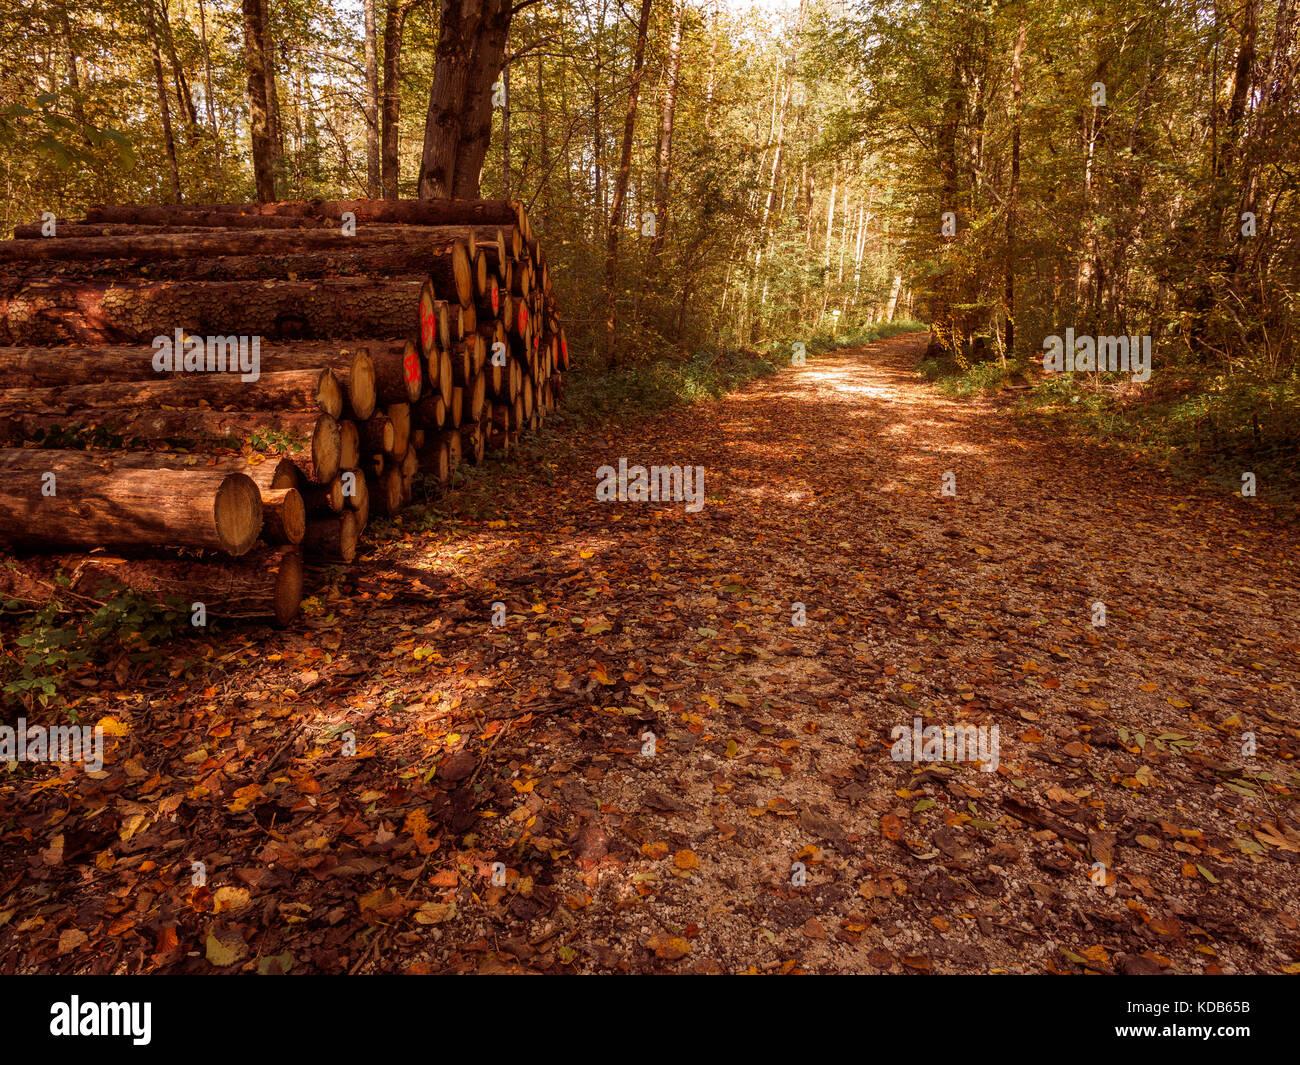 Geerntetes Holz am Wegesrand aufgestapelt - Stock Image